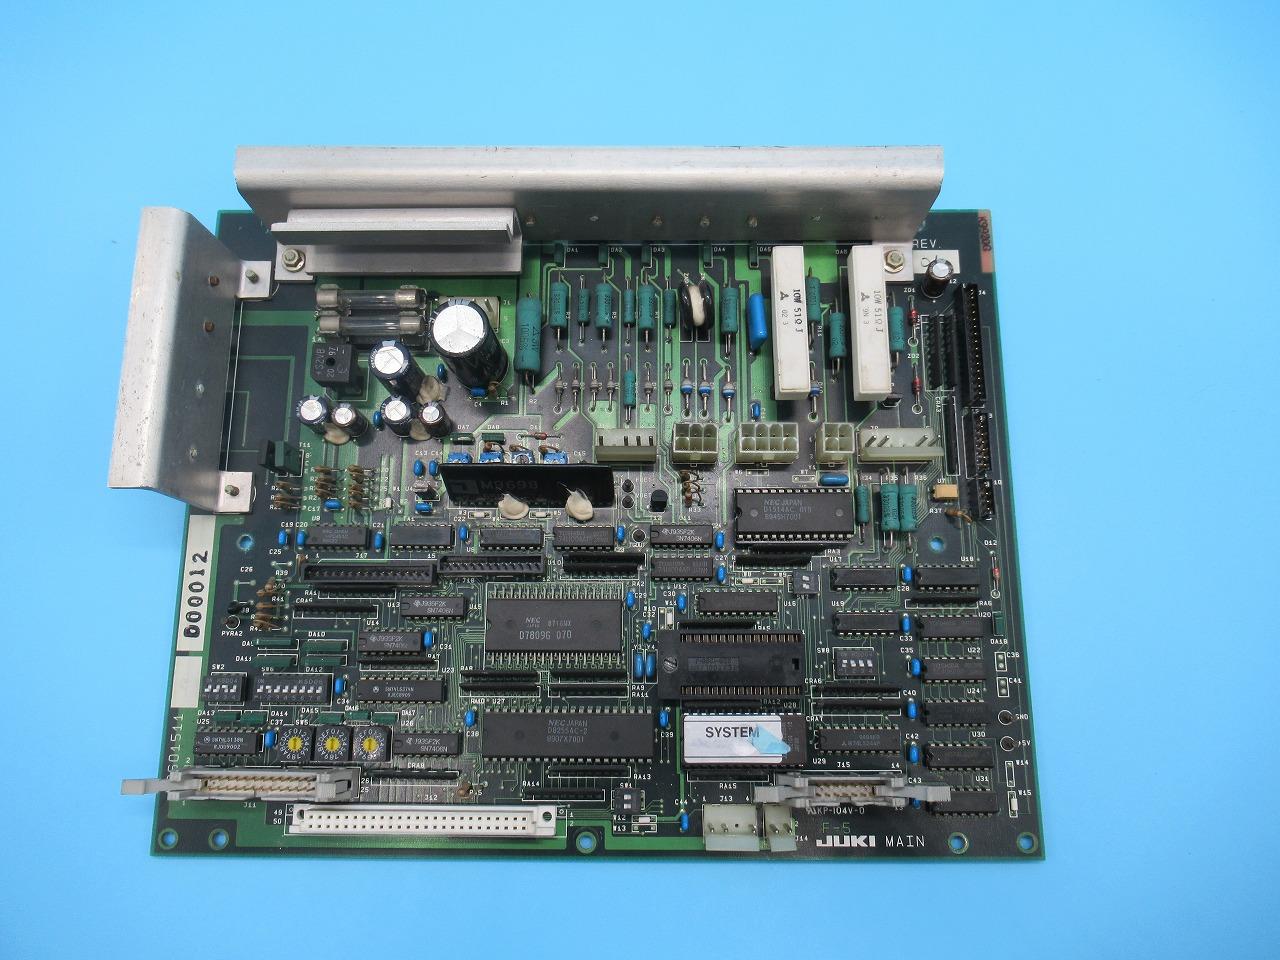 【中古】JUKI AMS-206B型用 MAIN 基盤 M8601511 日本製です。保証期間は、新品の基盤と同じく6か月の保証付きです。